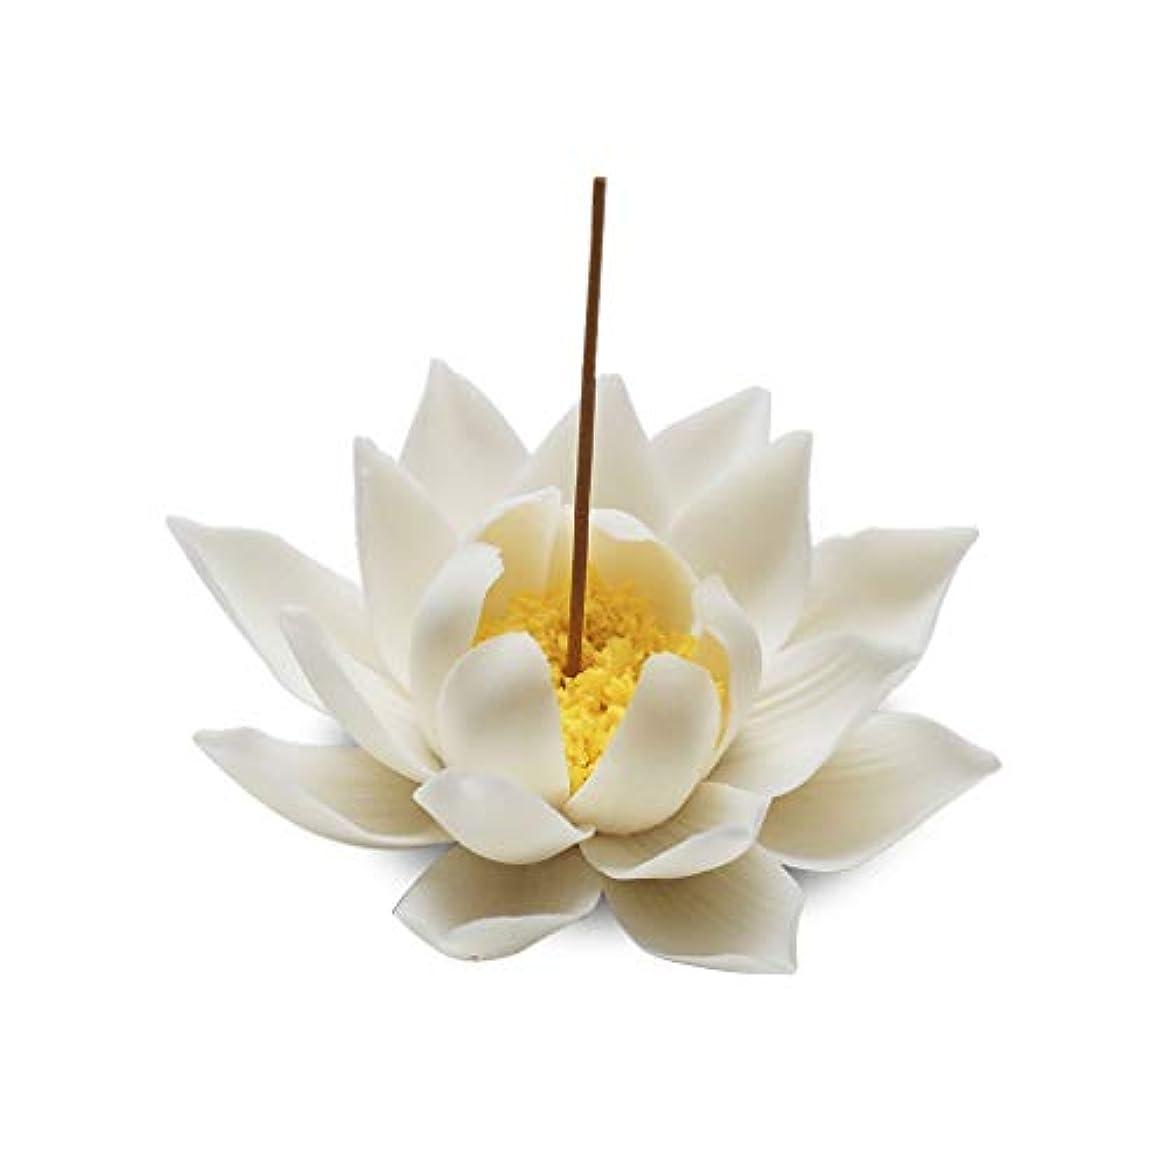 ポジション感動するプロットセラミック蓮香バーナー家の装飾香スティックホルダー仏教アロマセラピー香炉ホームオフィス用 (Color : A)